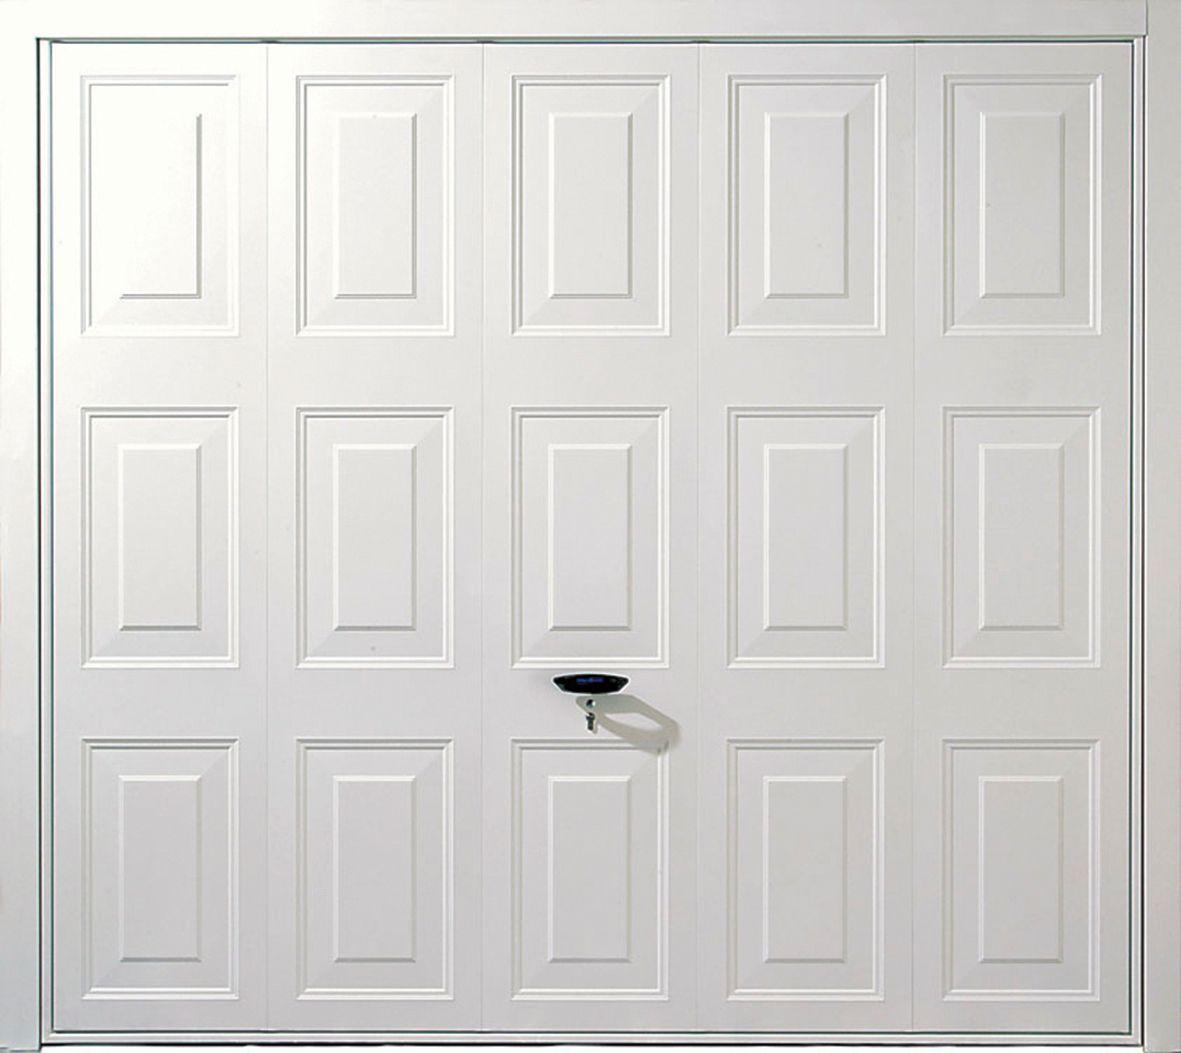 Garage Doors Doors Windows Departments Diy At Bq